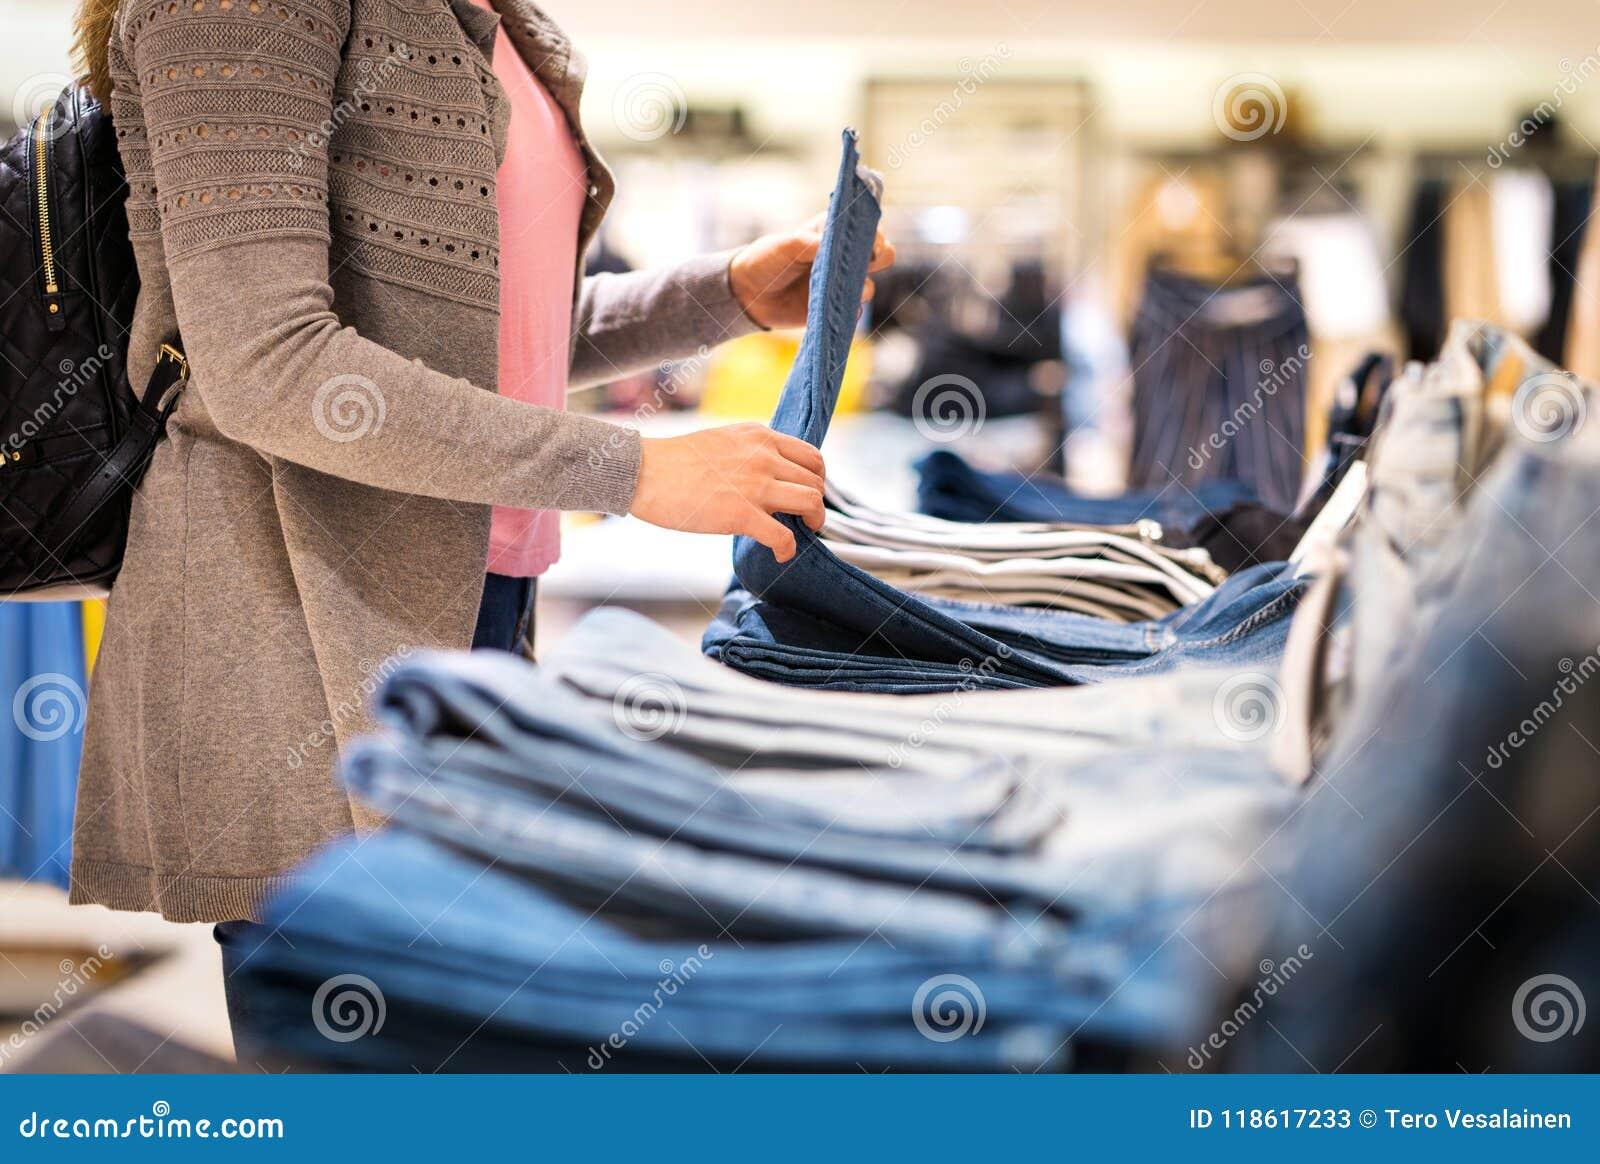 Kvinnashopping för jeans i modelager